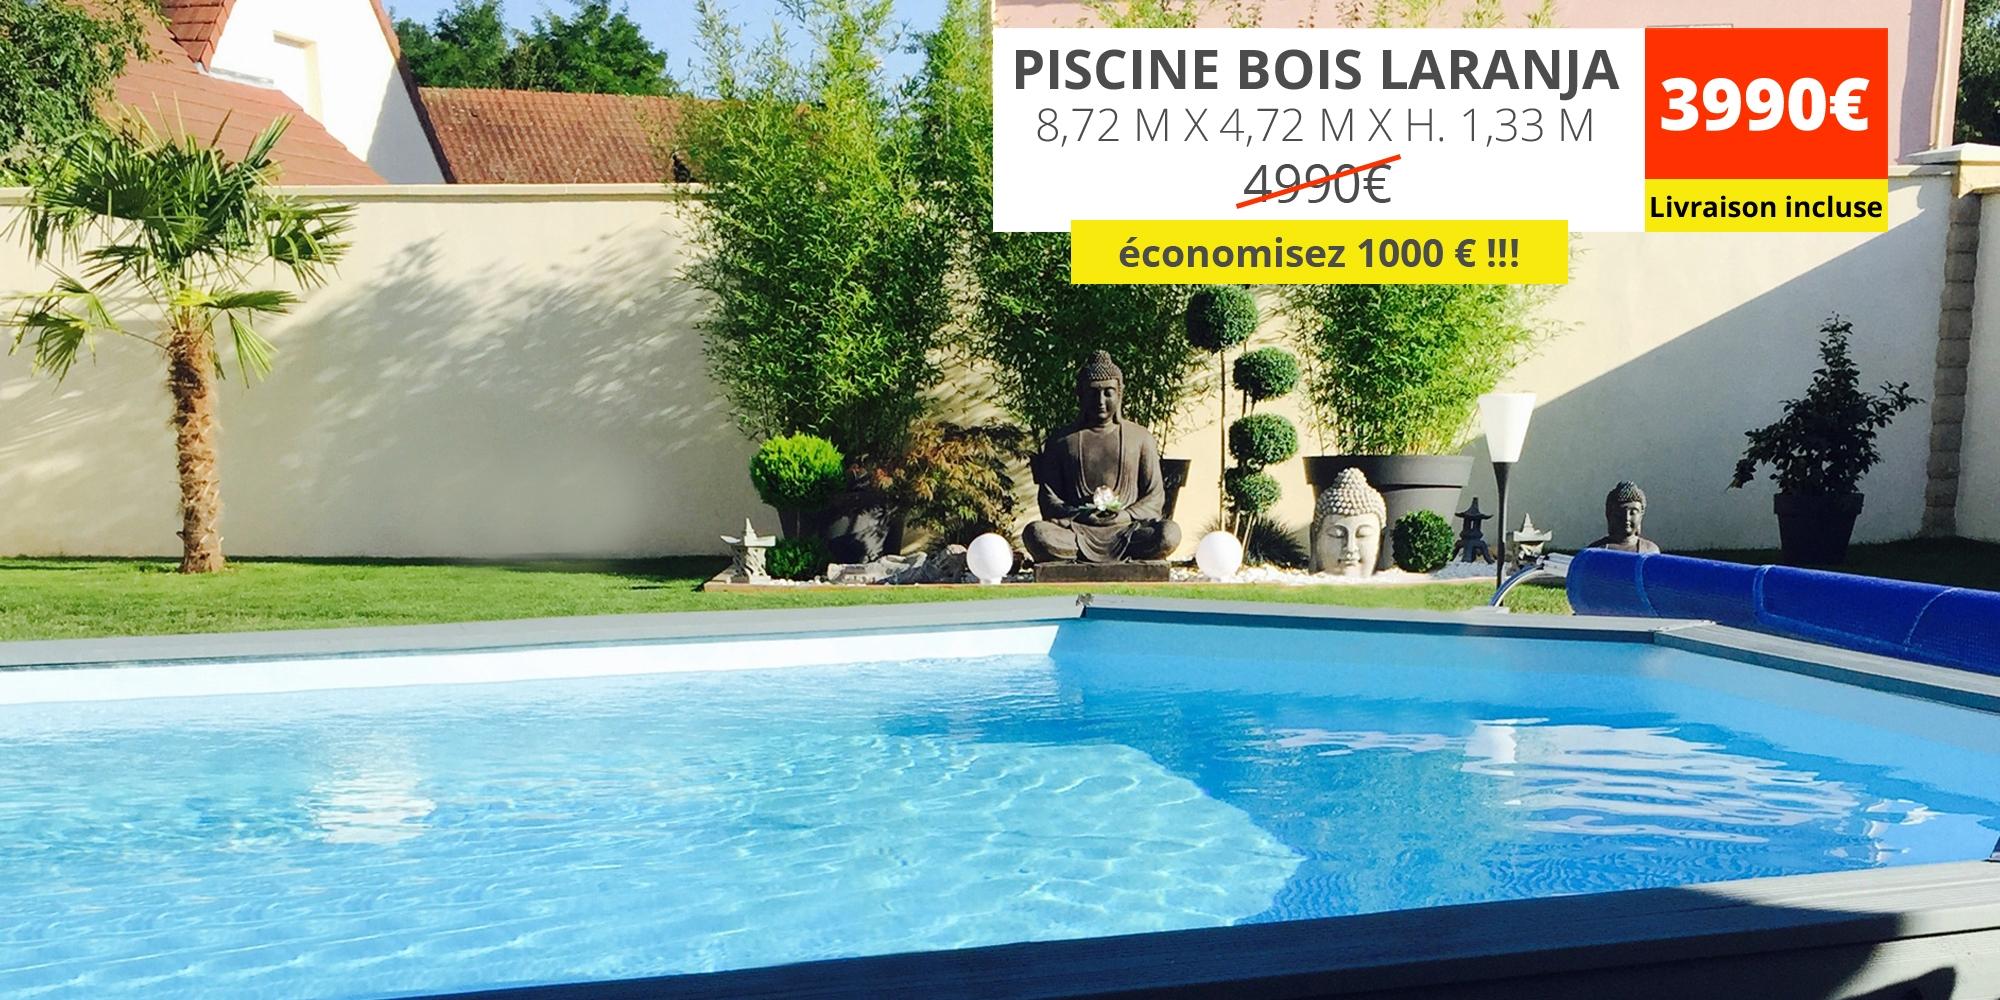 -1000€ sur la piscine bois laranja